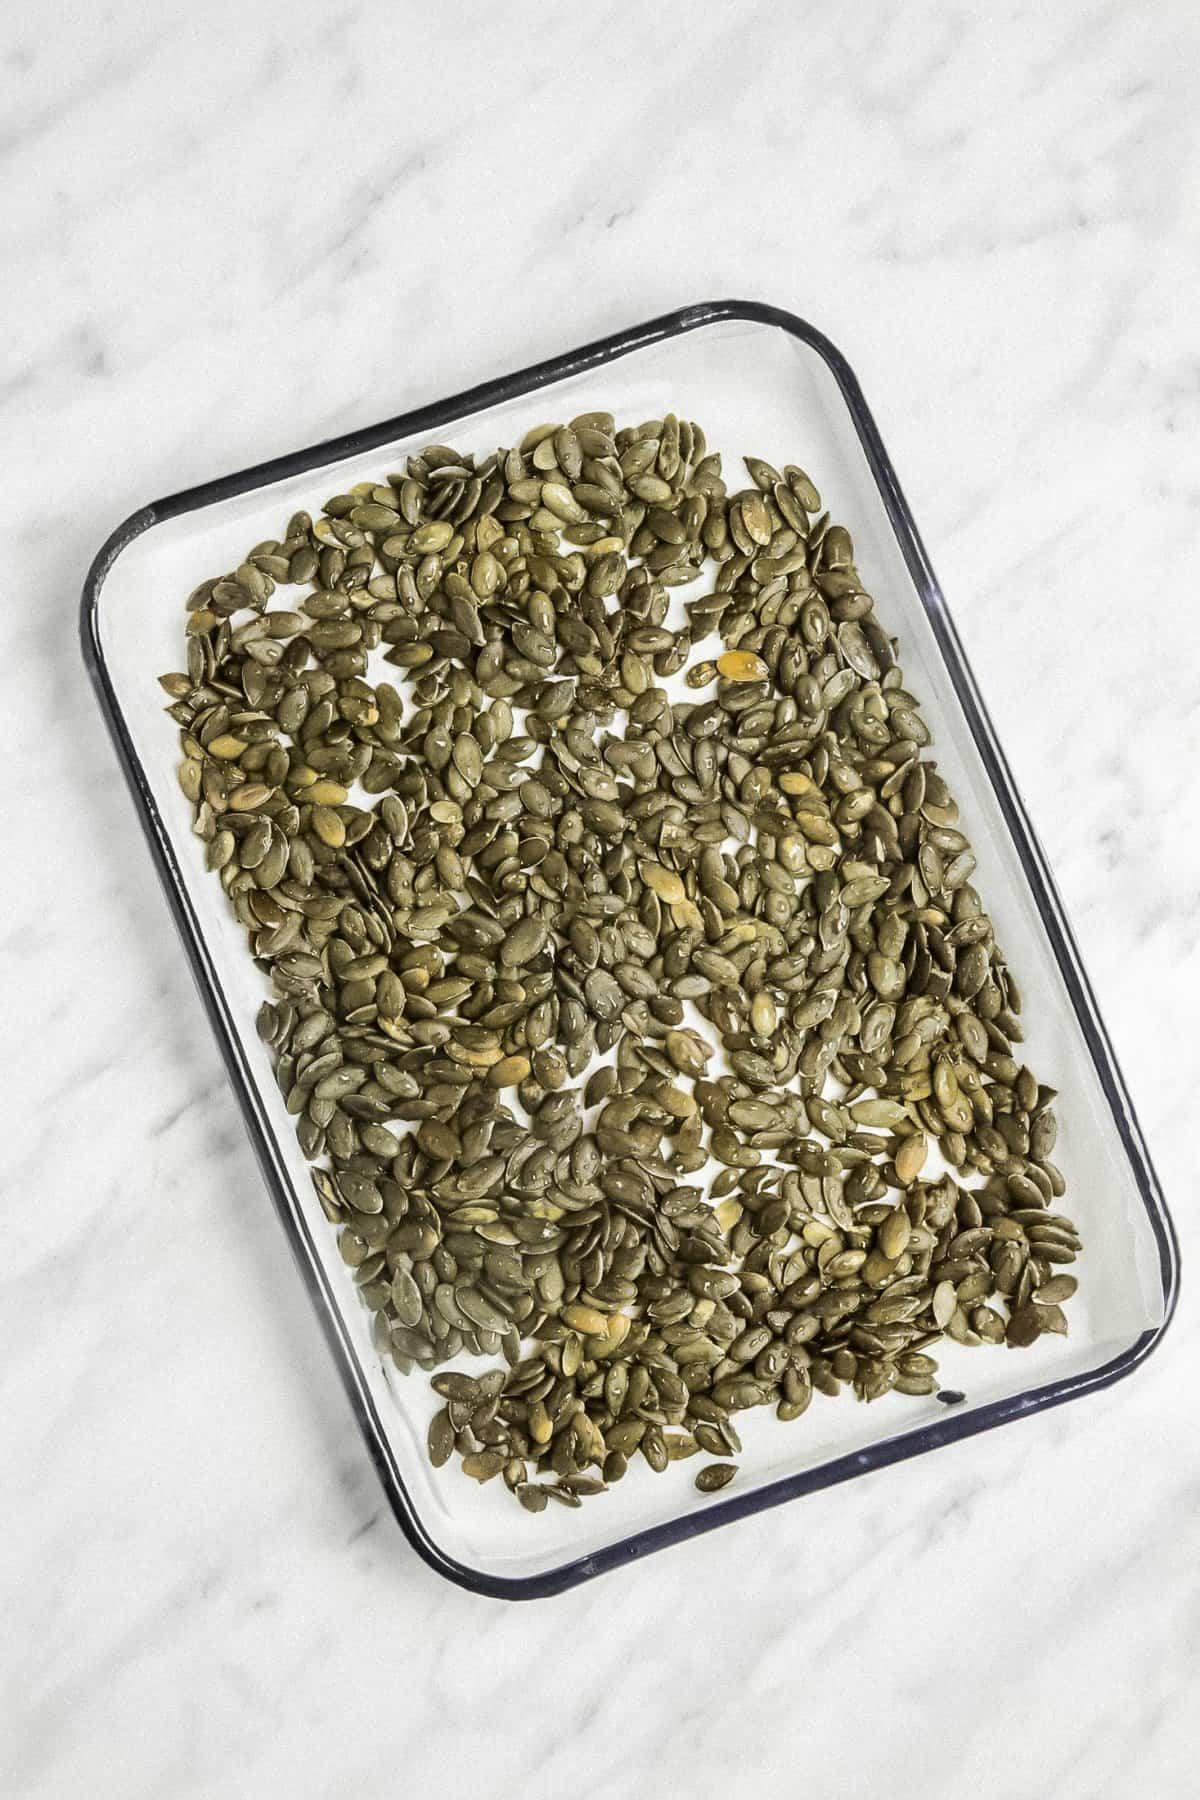 Roasted Pepita Seeds